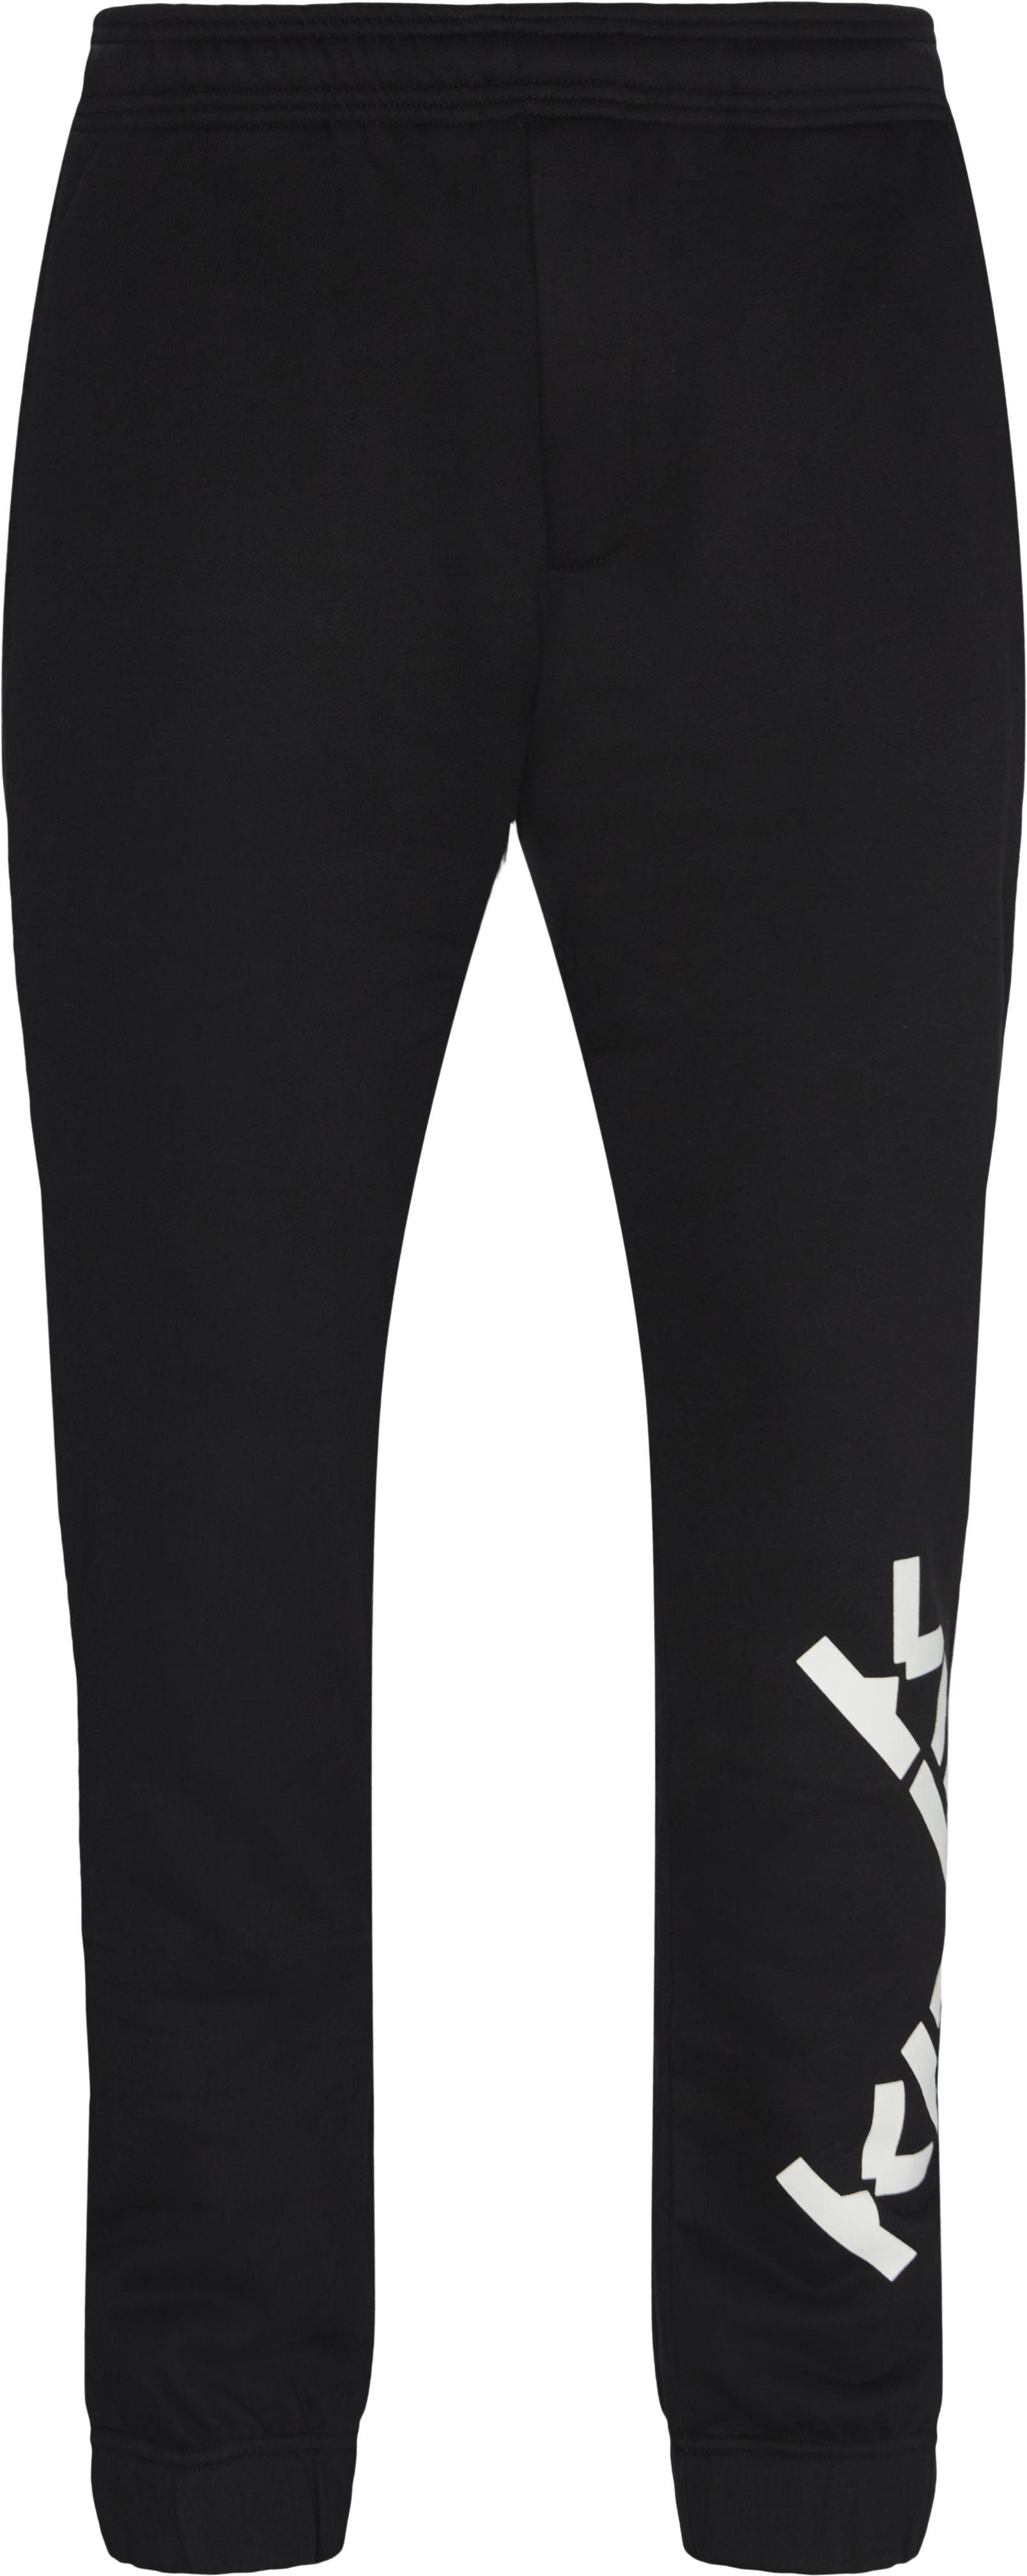 Sweatpants - Bukser - Regular fit - Sort